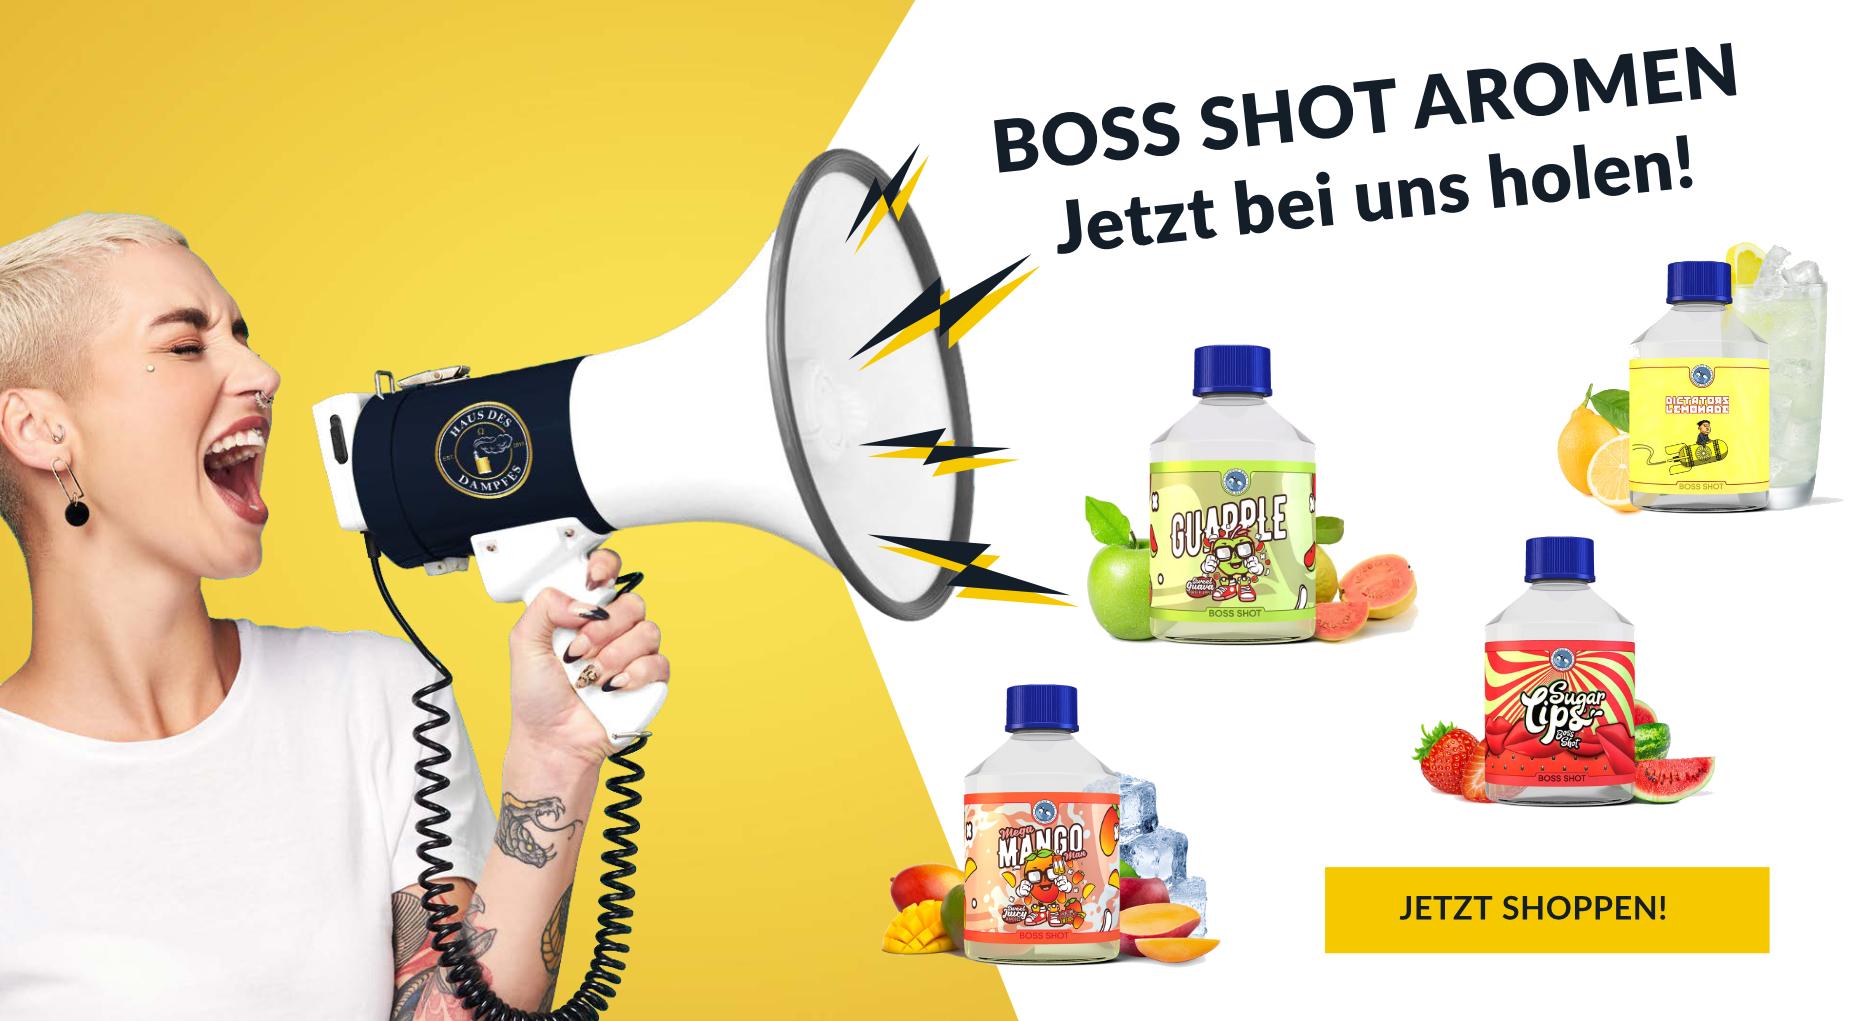 Boss-Shot-Aromen-bei-uns Haus des Dampfes - E-zigaretten, Liquids & Zubehör Onlineshop